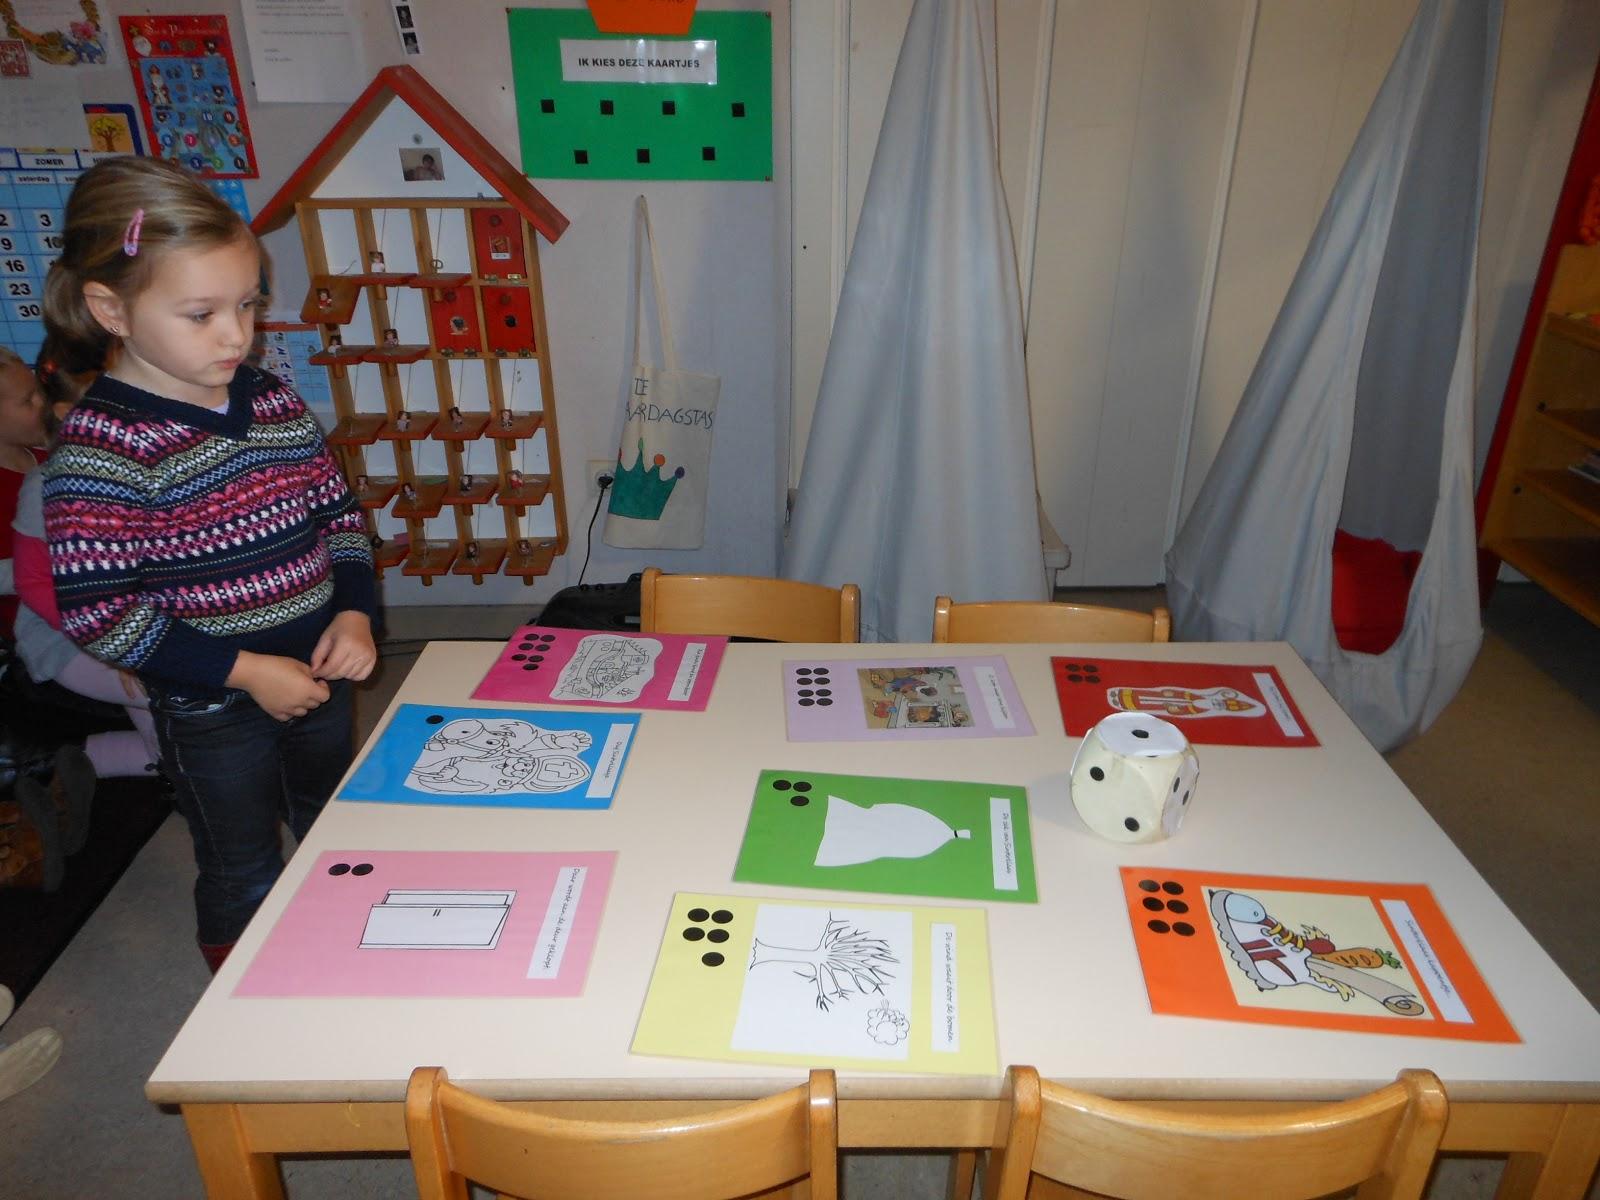 Kleurplaten Thema Sinterklaas.Pbs Voeren Thema Sinterklaas 2 3komo